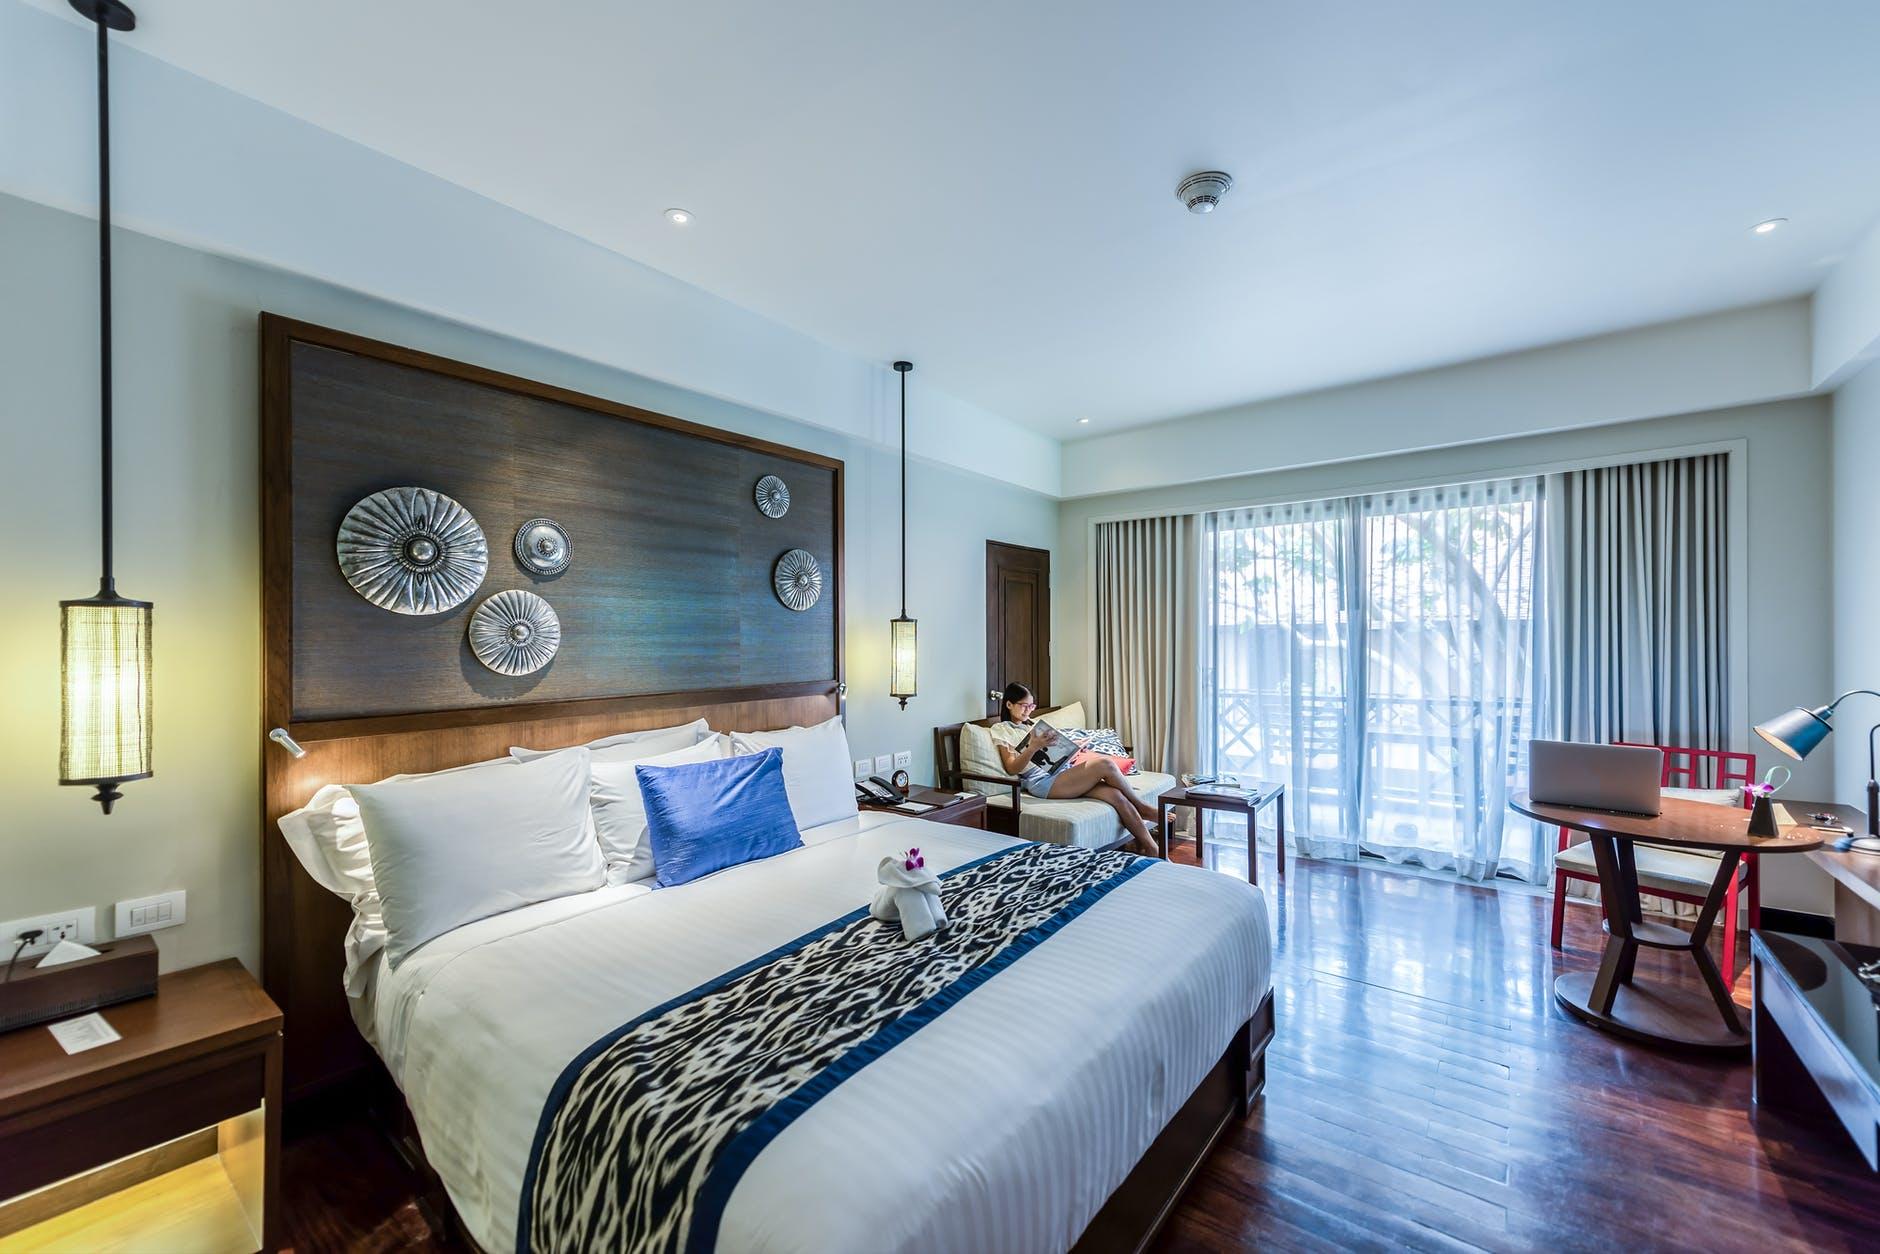 Logra un dormitorio súper relajante